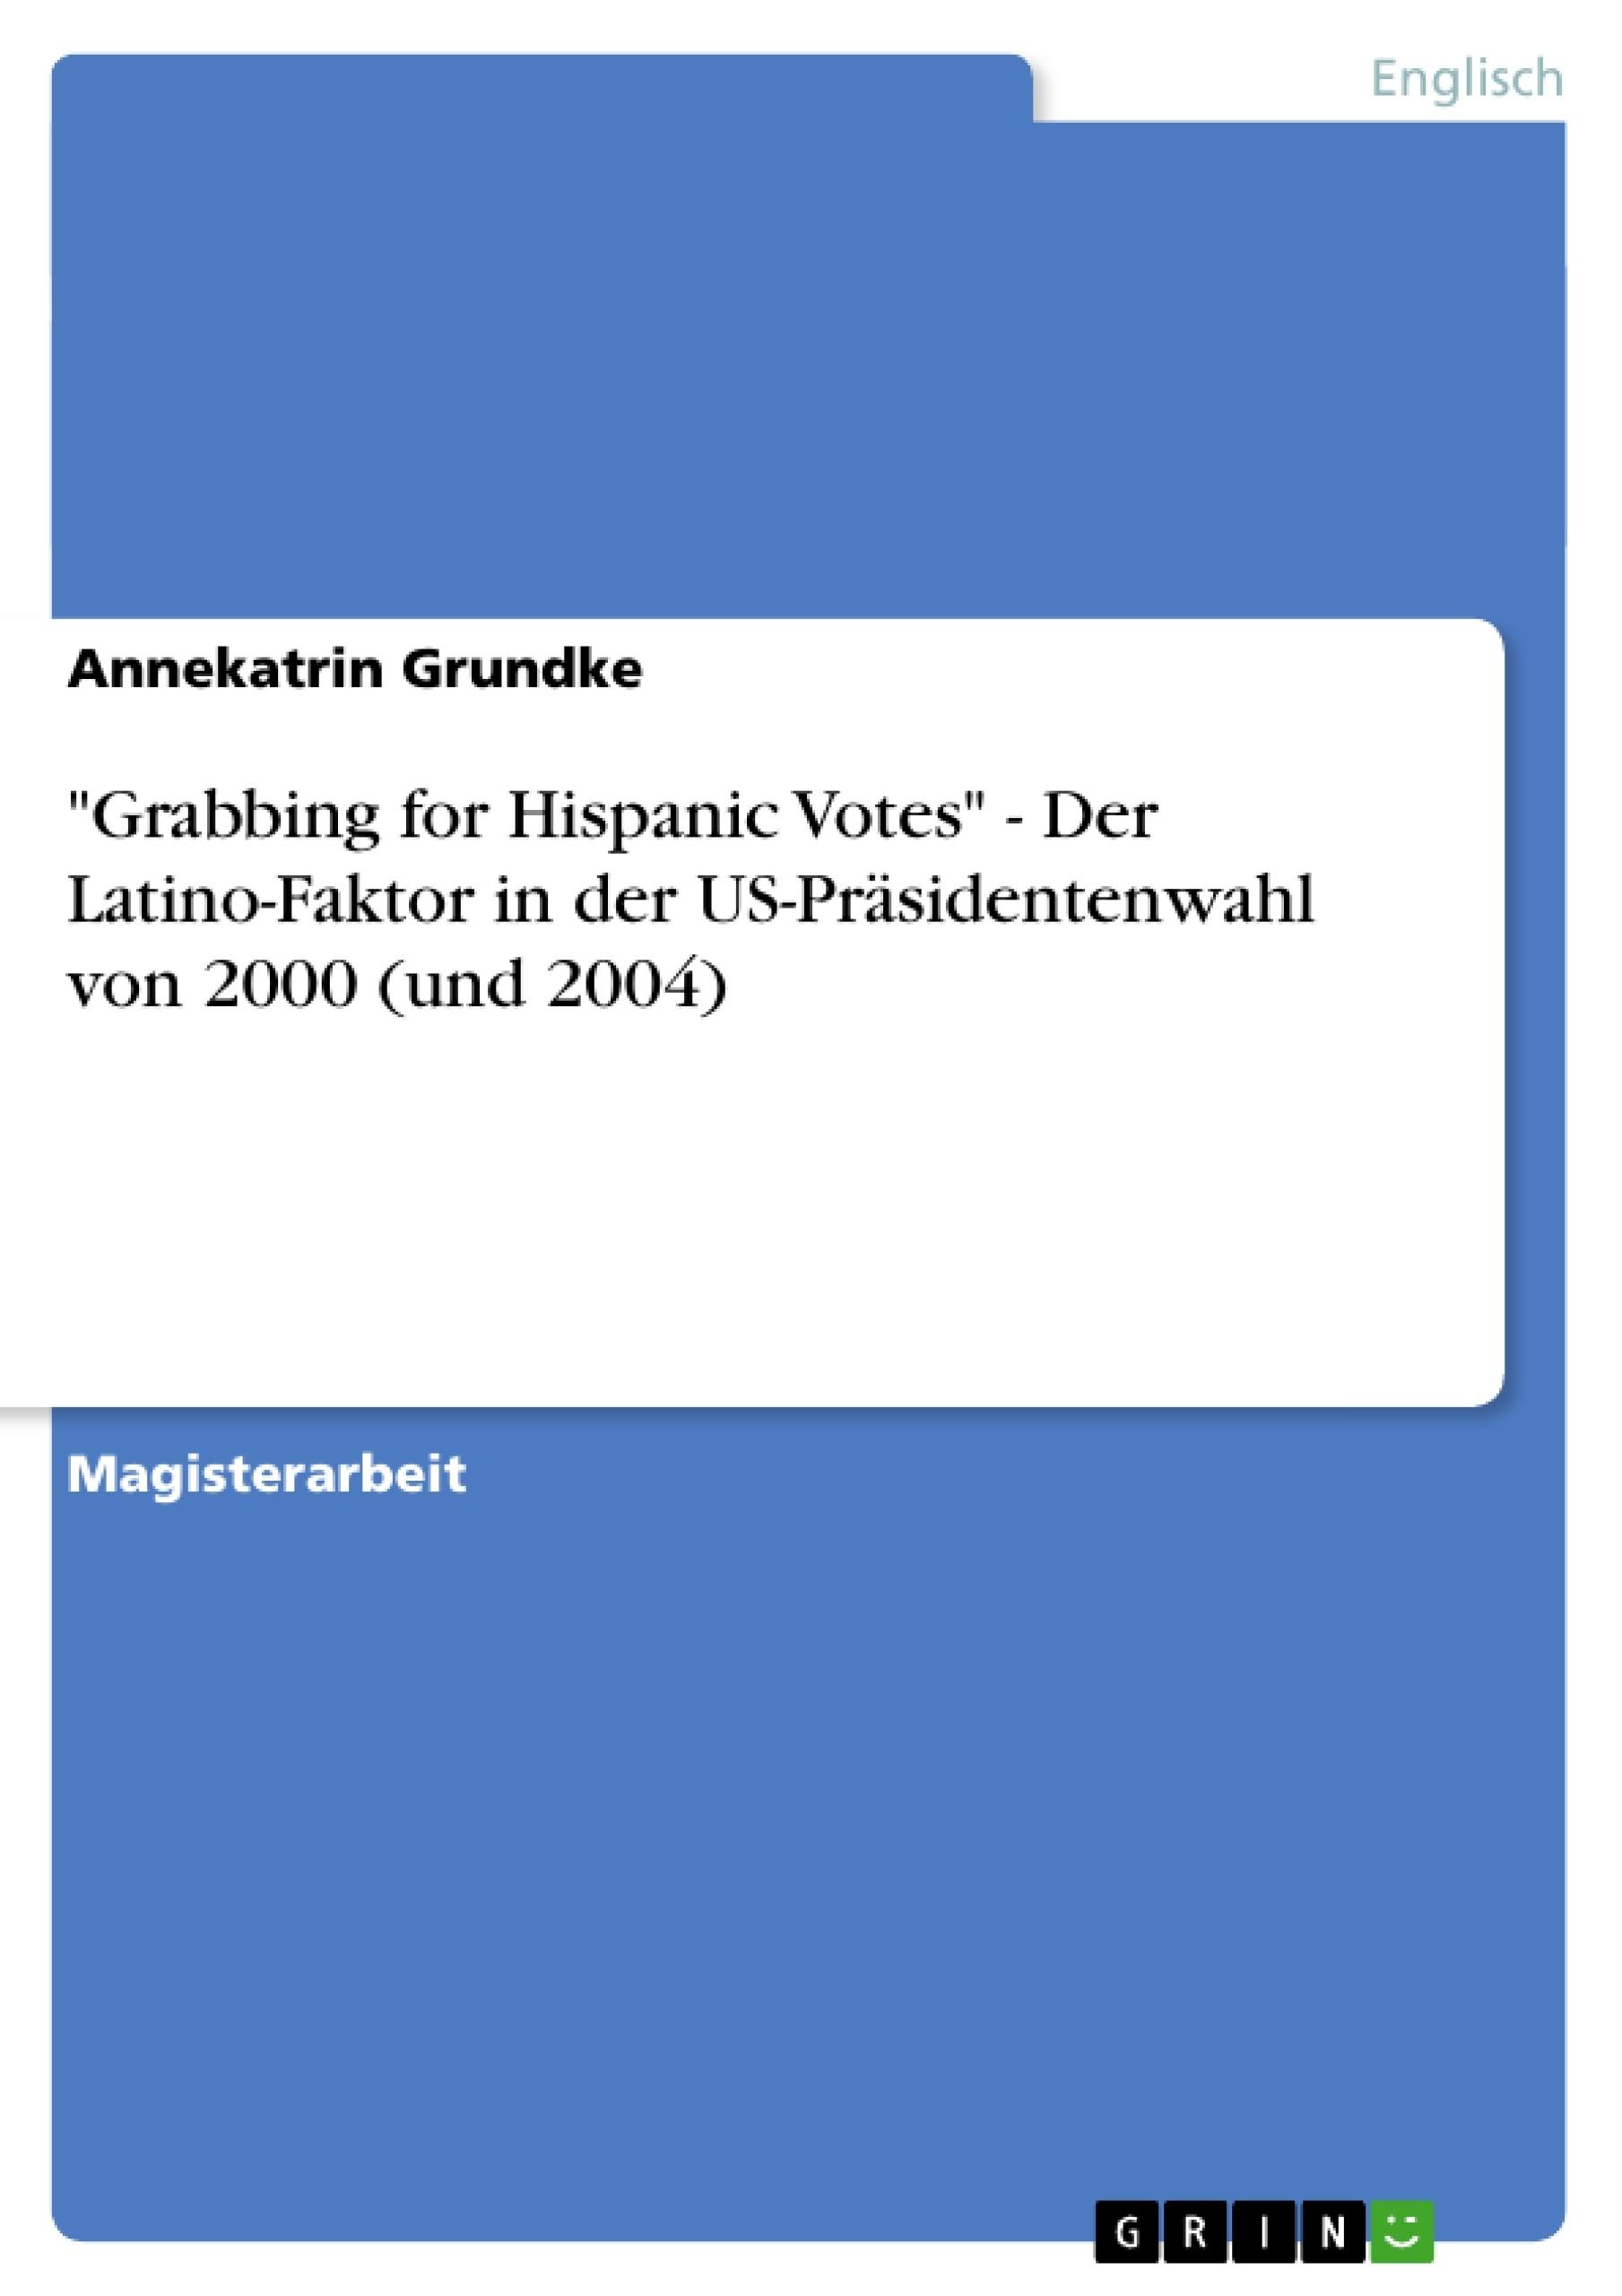 """Titel: """"Grabbing for Hispanic Votes"""" - Der Latino-Faktor in der US-Präsidentenwahl von 2000 (und 2004)"""